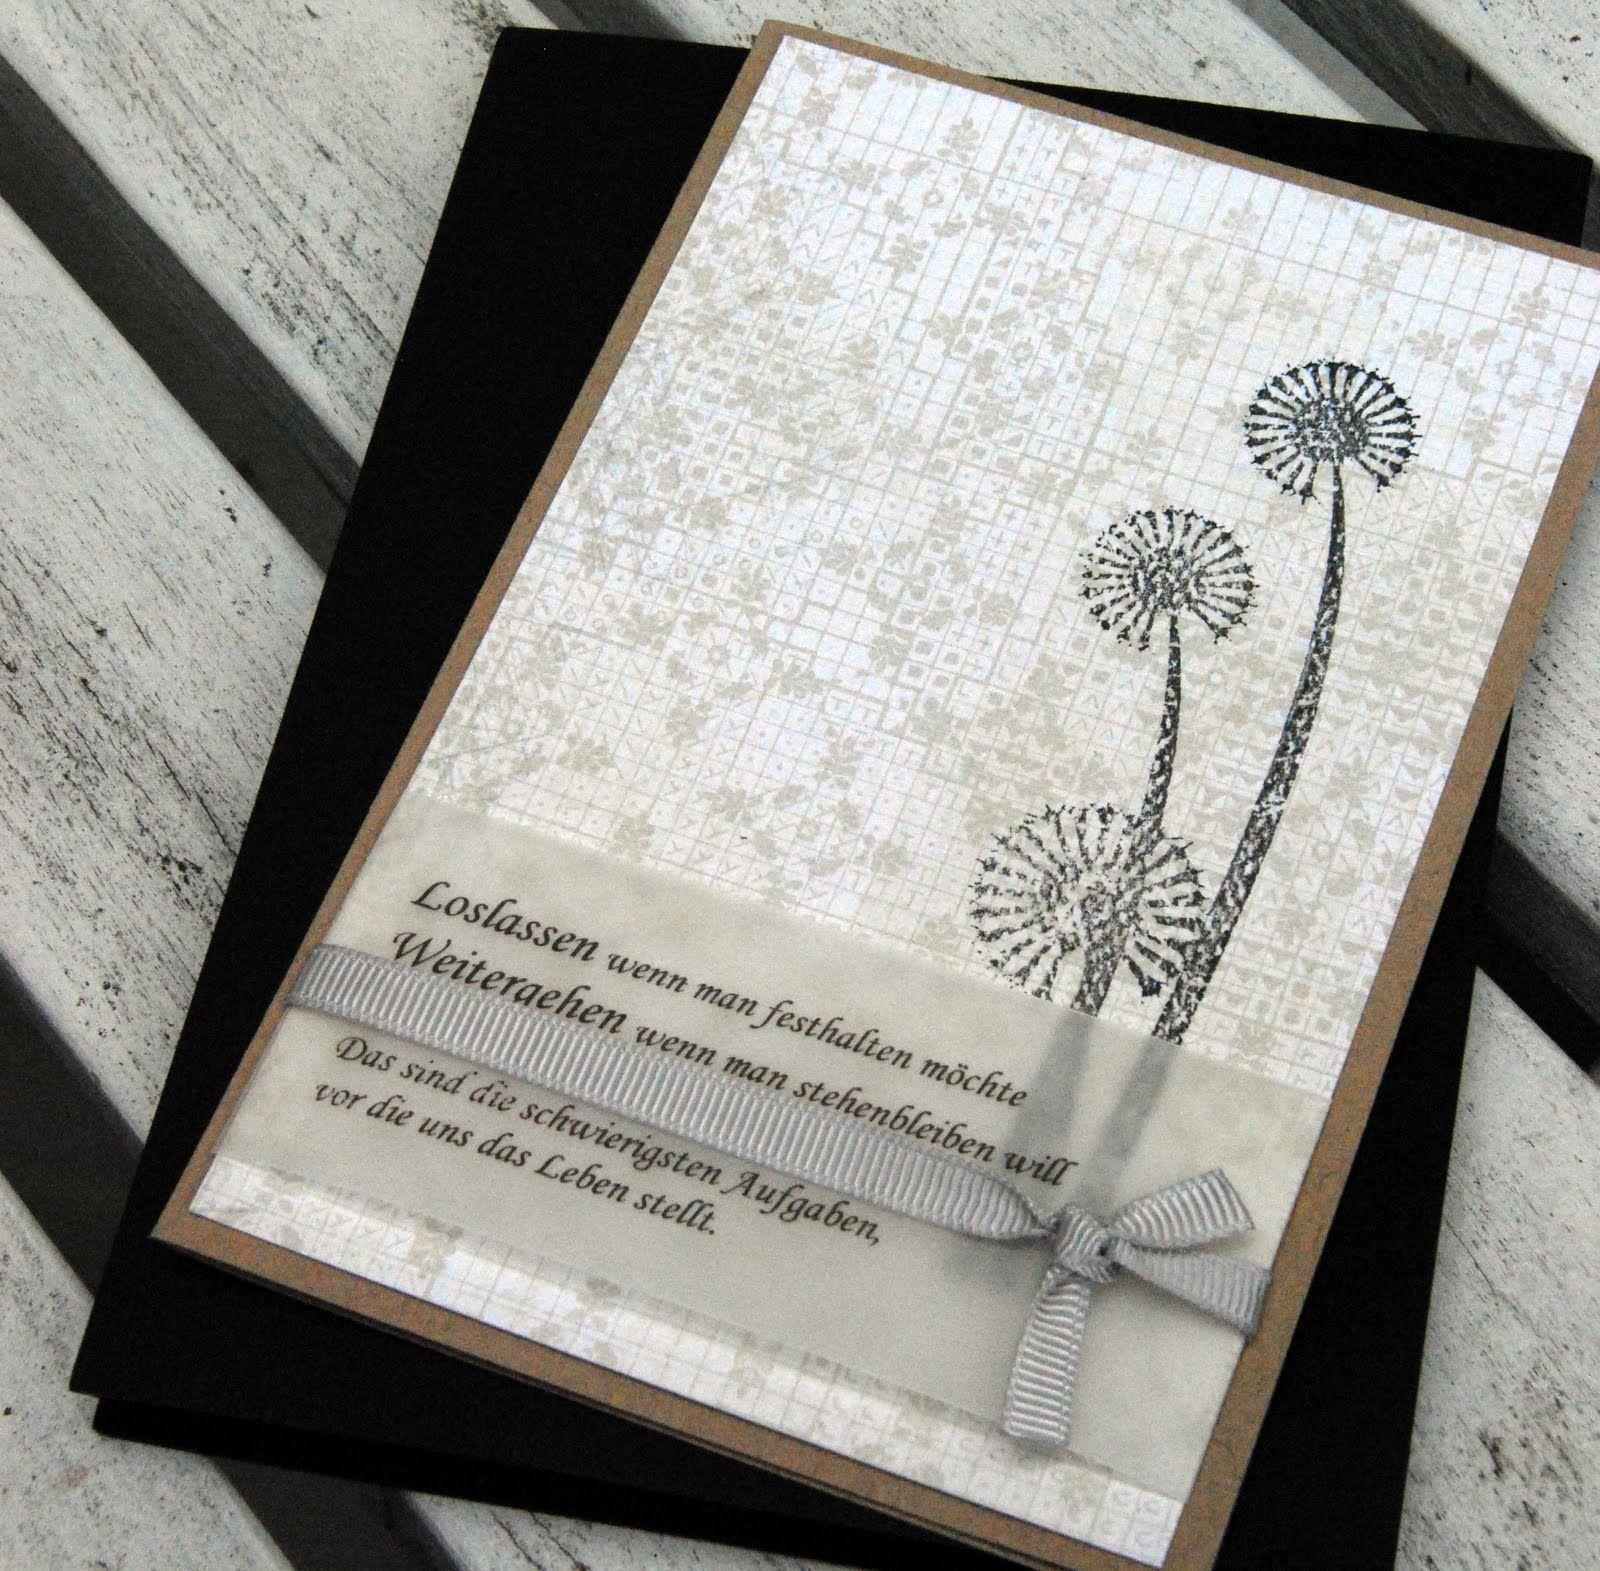 Schon Als Trauerkarte Danksagung Karten Beileidskarten Kondolenz